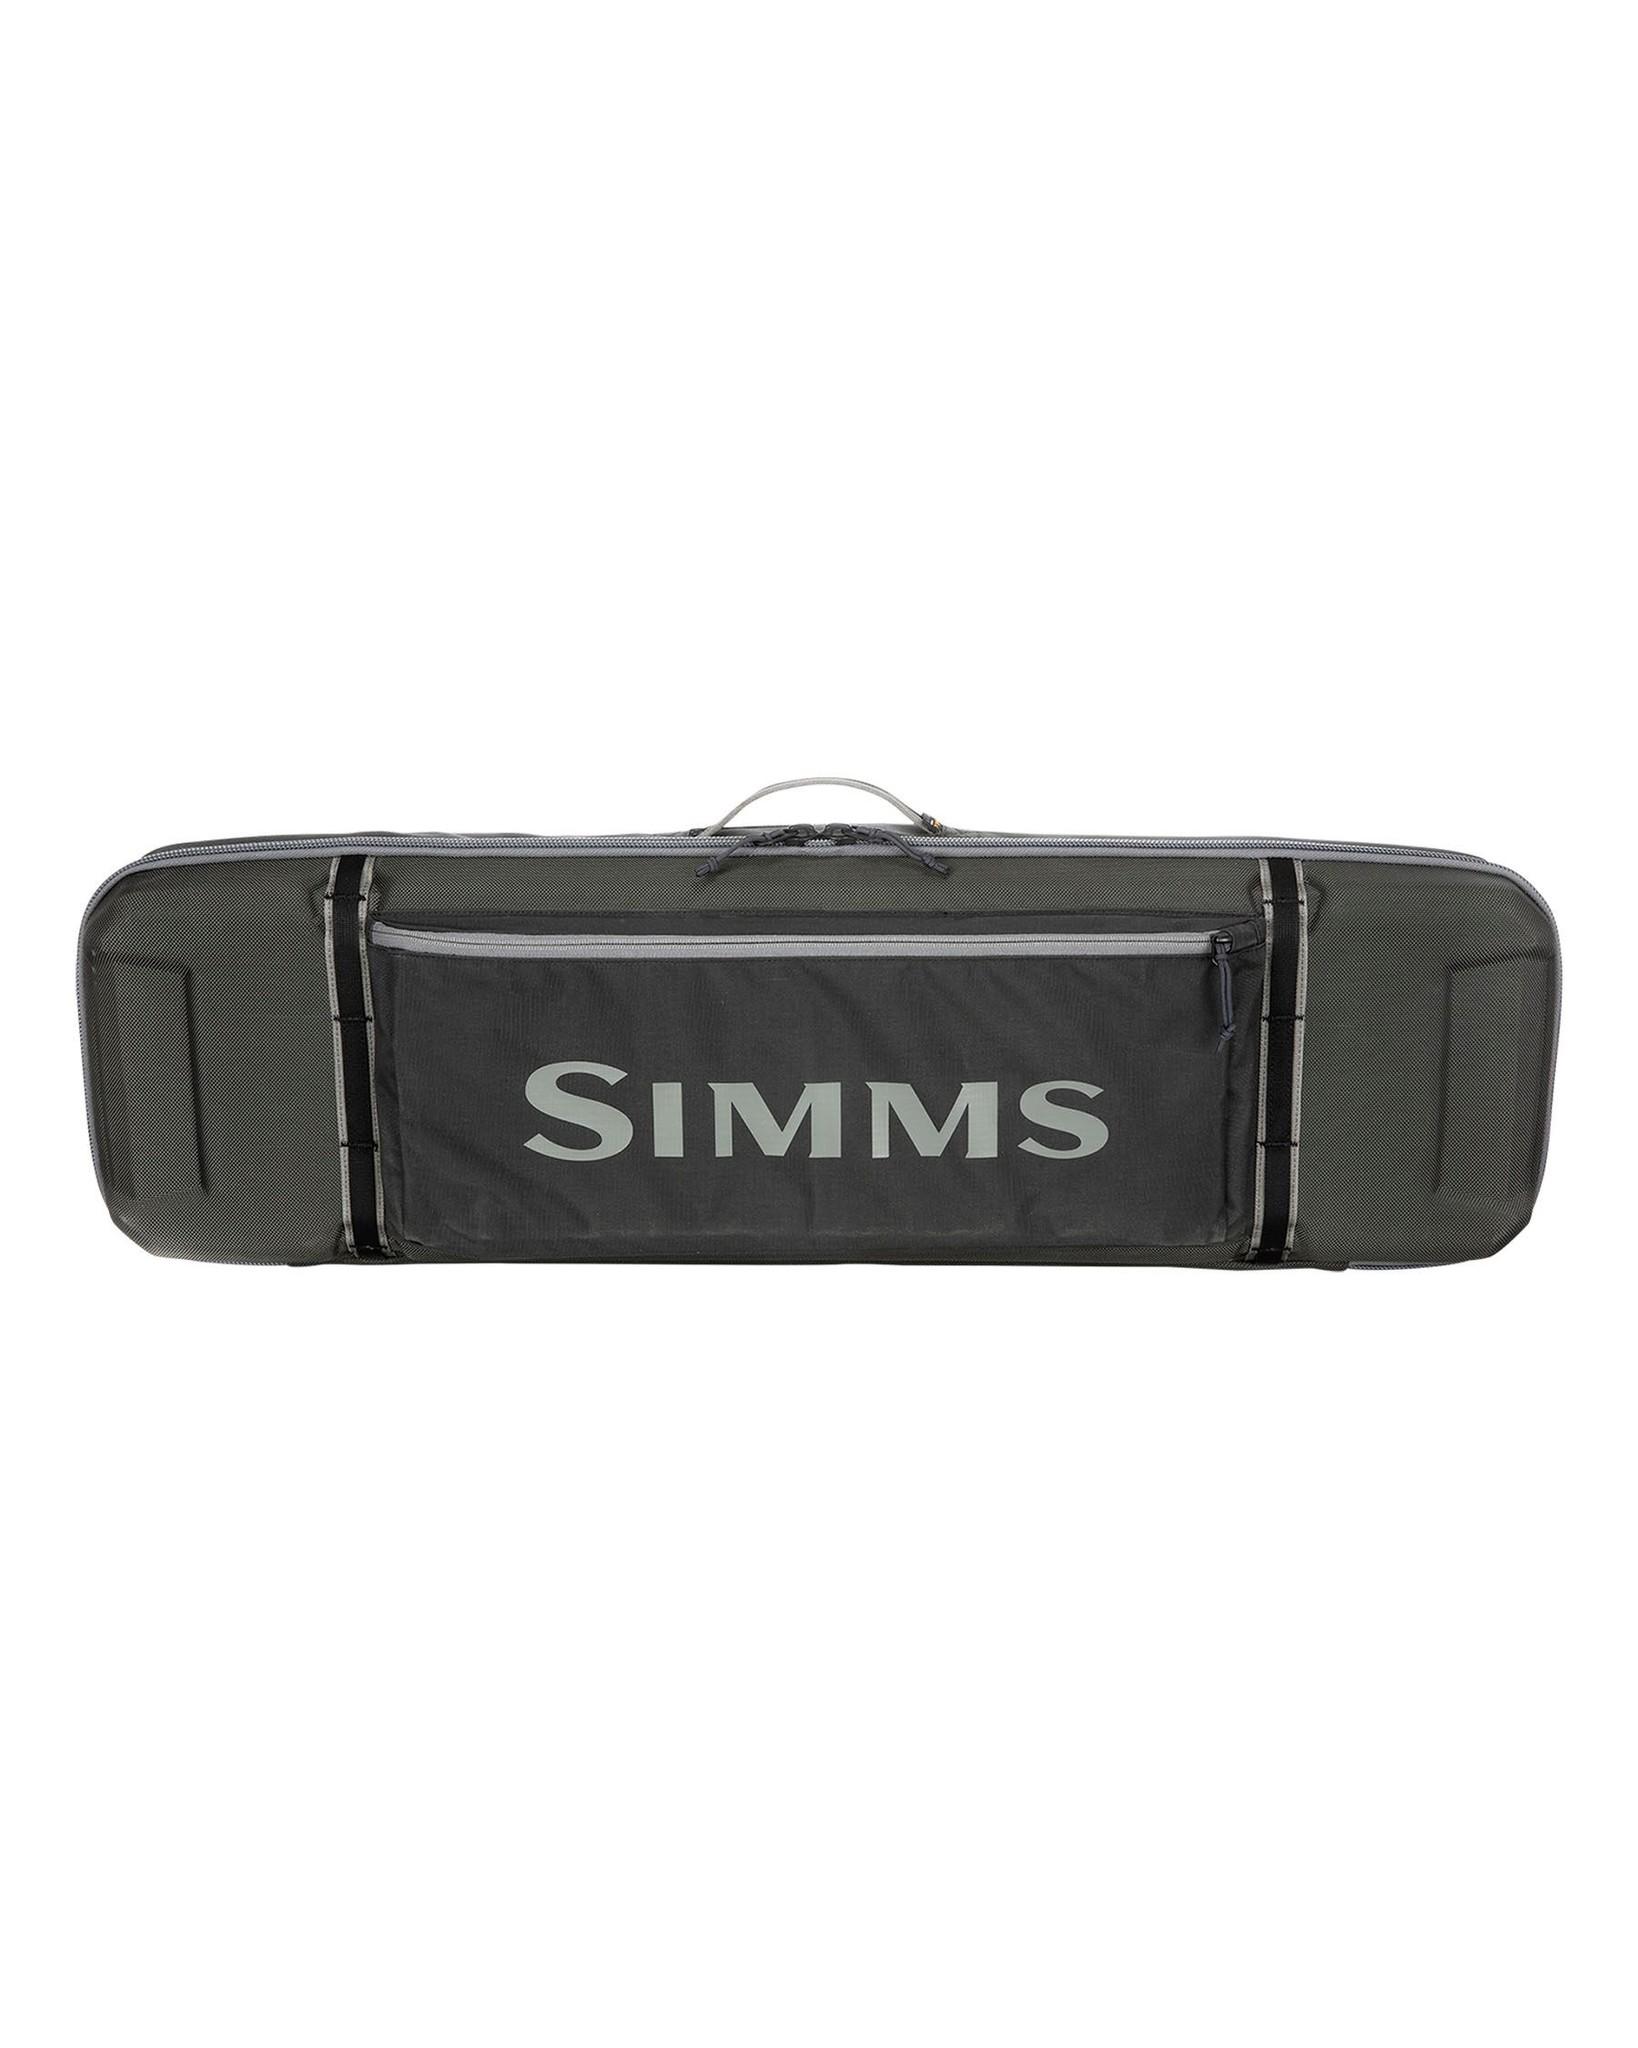 SIMMS SIMMS GTS ROD & REEL VAULT - CARBON